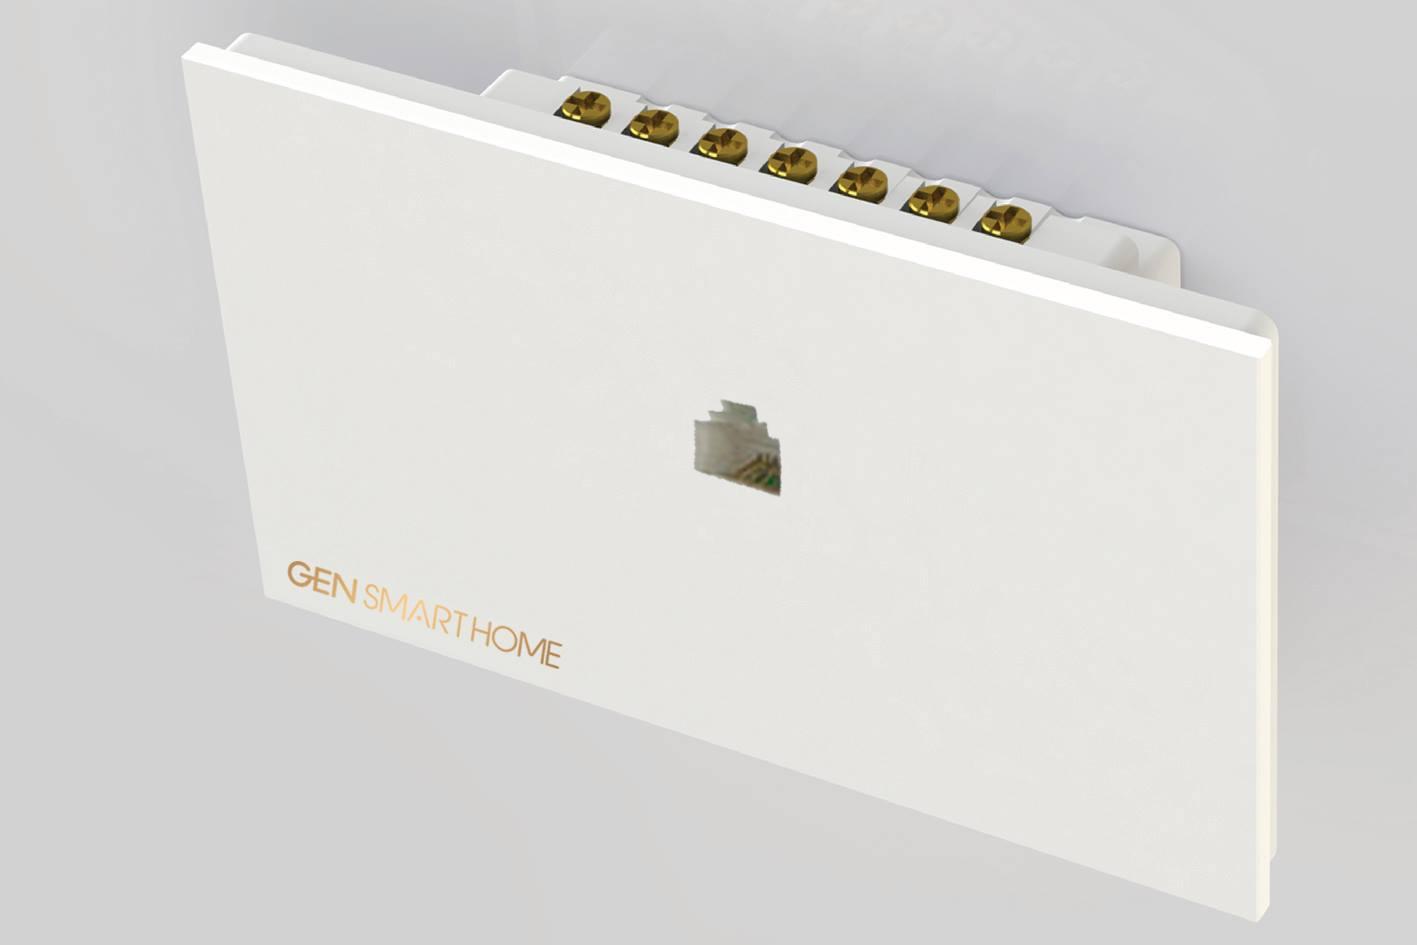 ổ cắm mạng Gen Smart Home